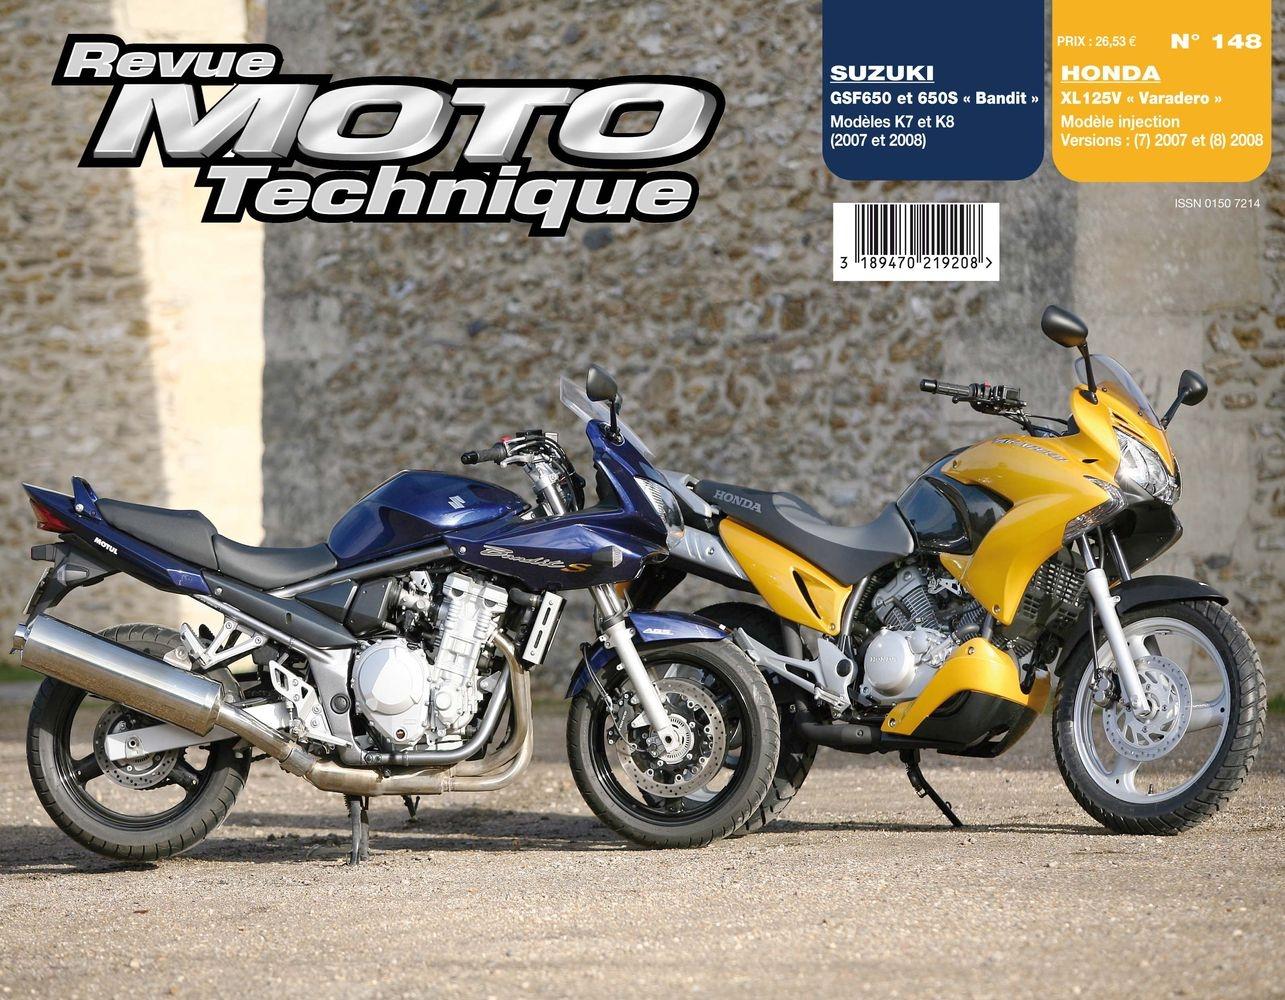 Revue Moto Technique 148.1 Honda XL 125 V Varadero / Suzuki GSF 650/65